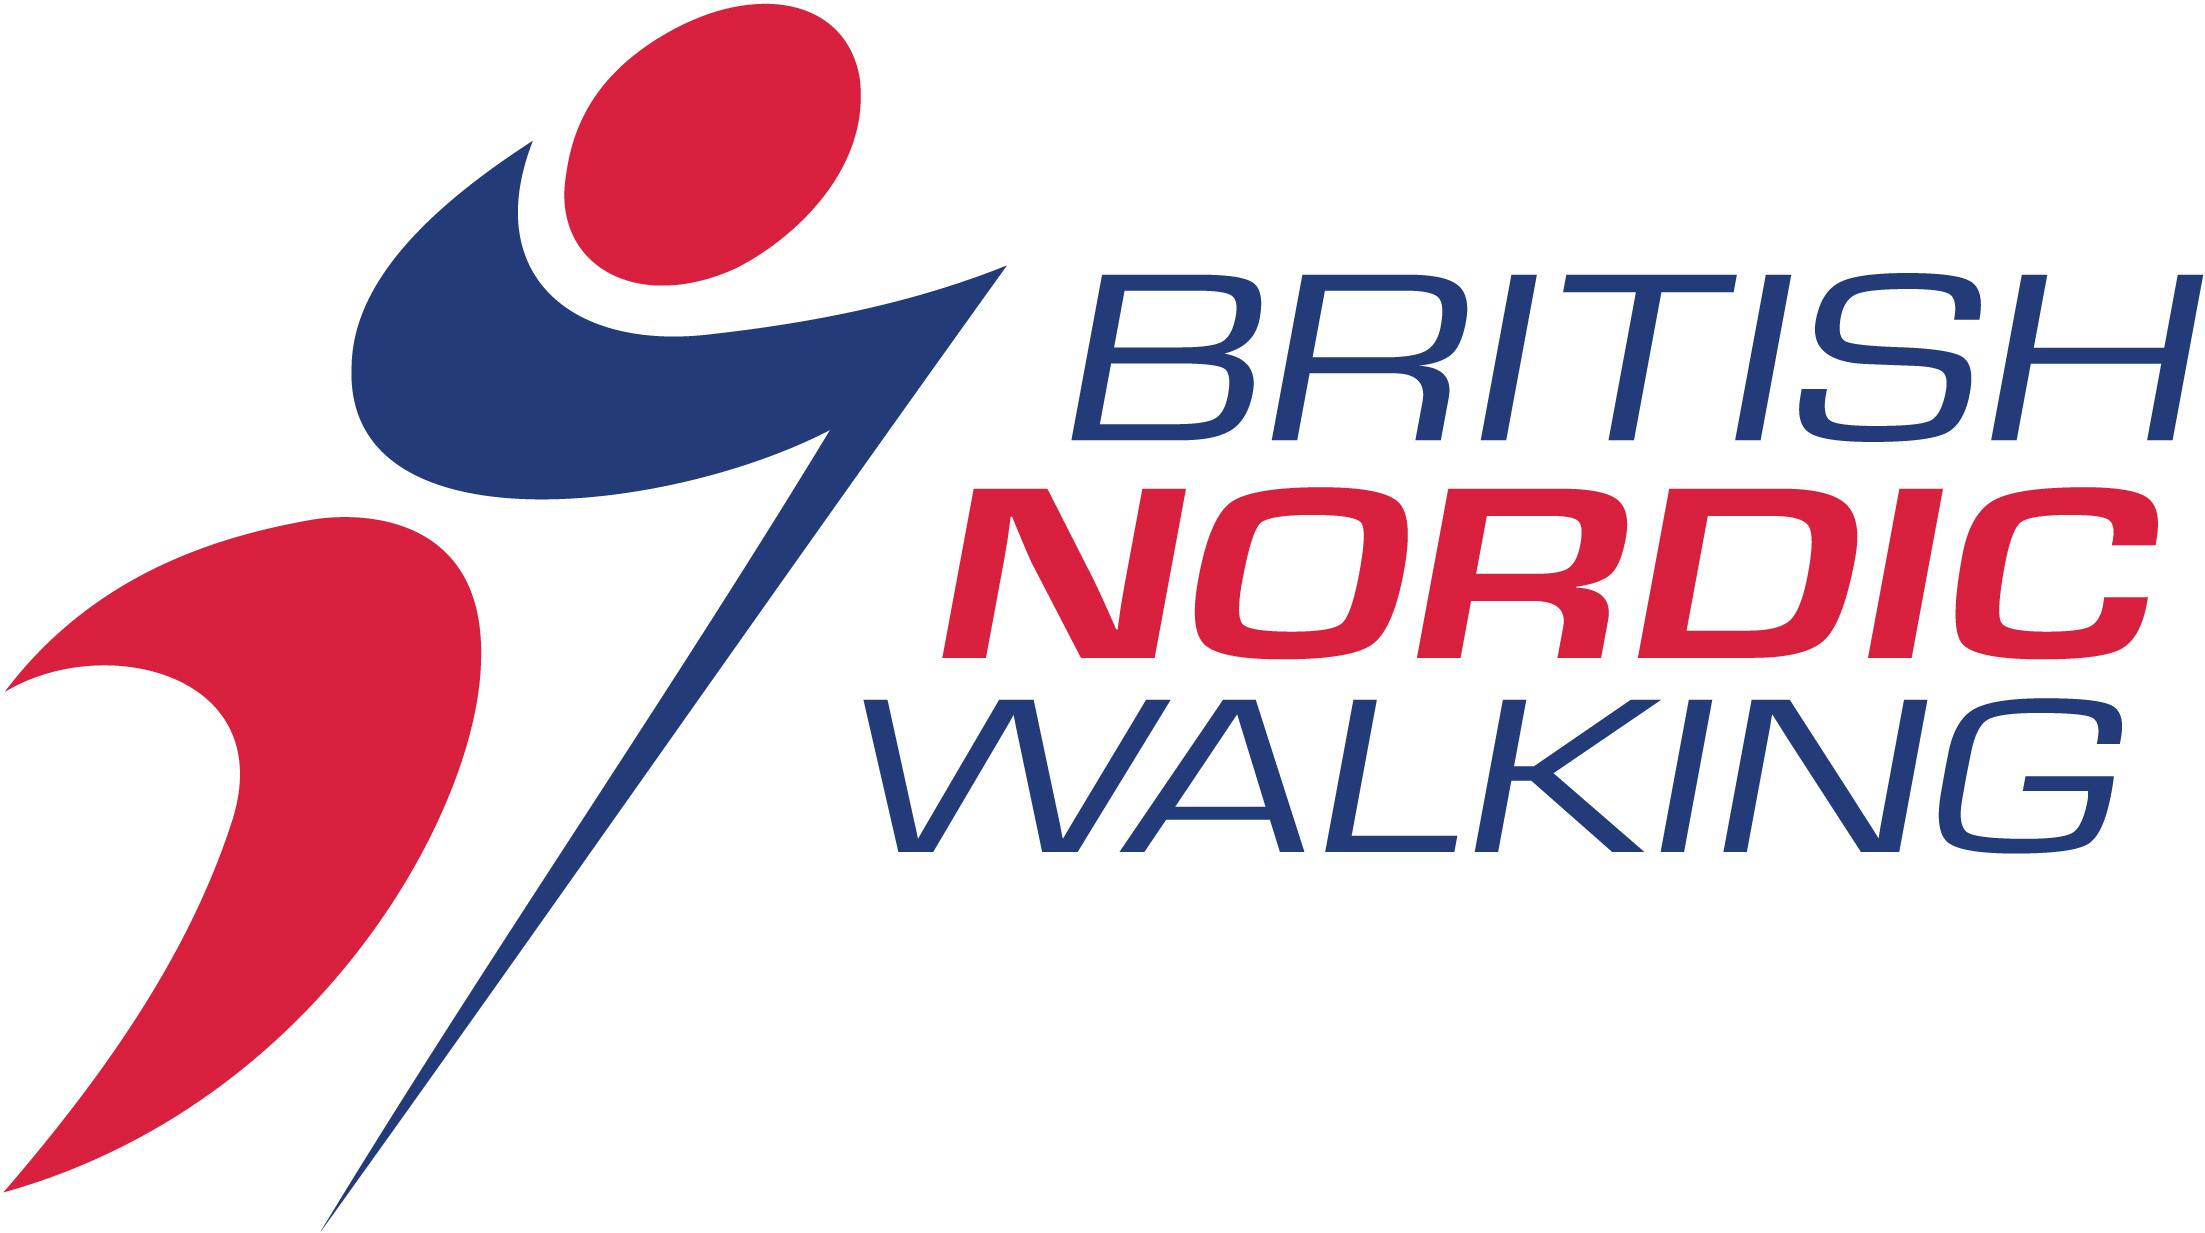 British Nordic Walking